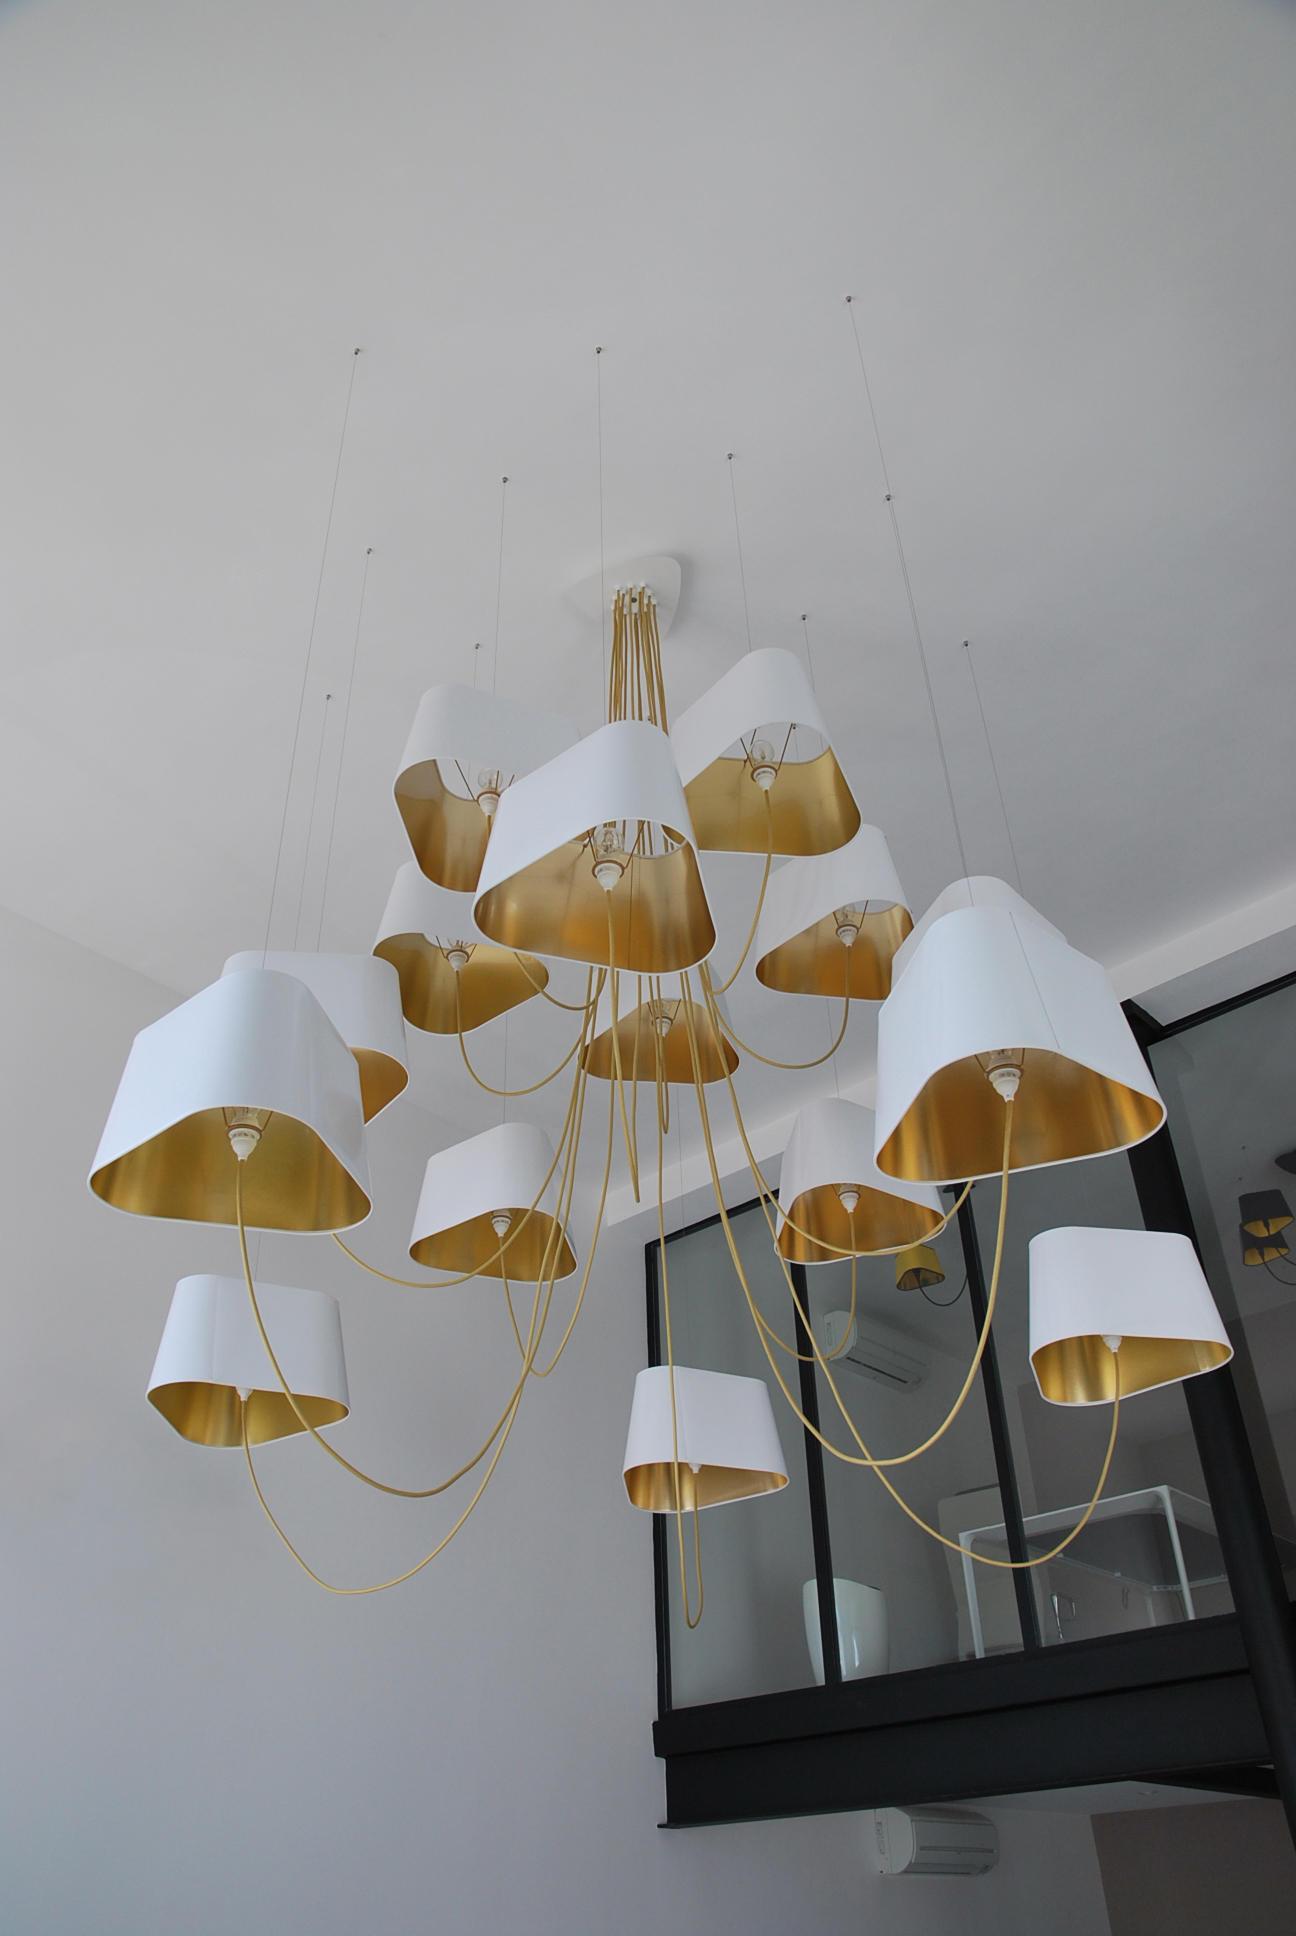 nuage lustre 6 petit - chandeliers de designheure   architonic